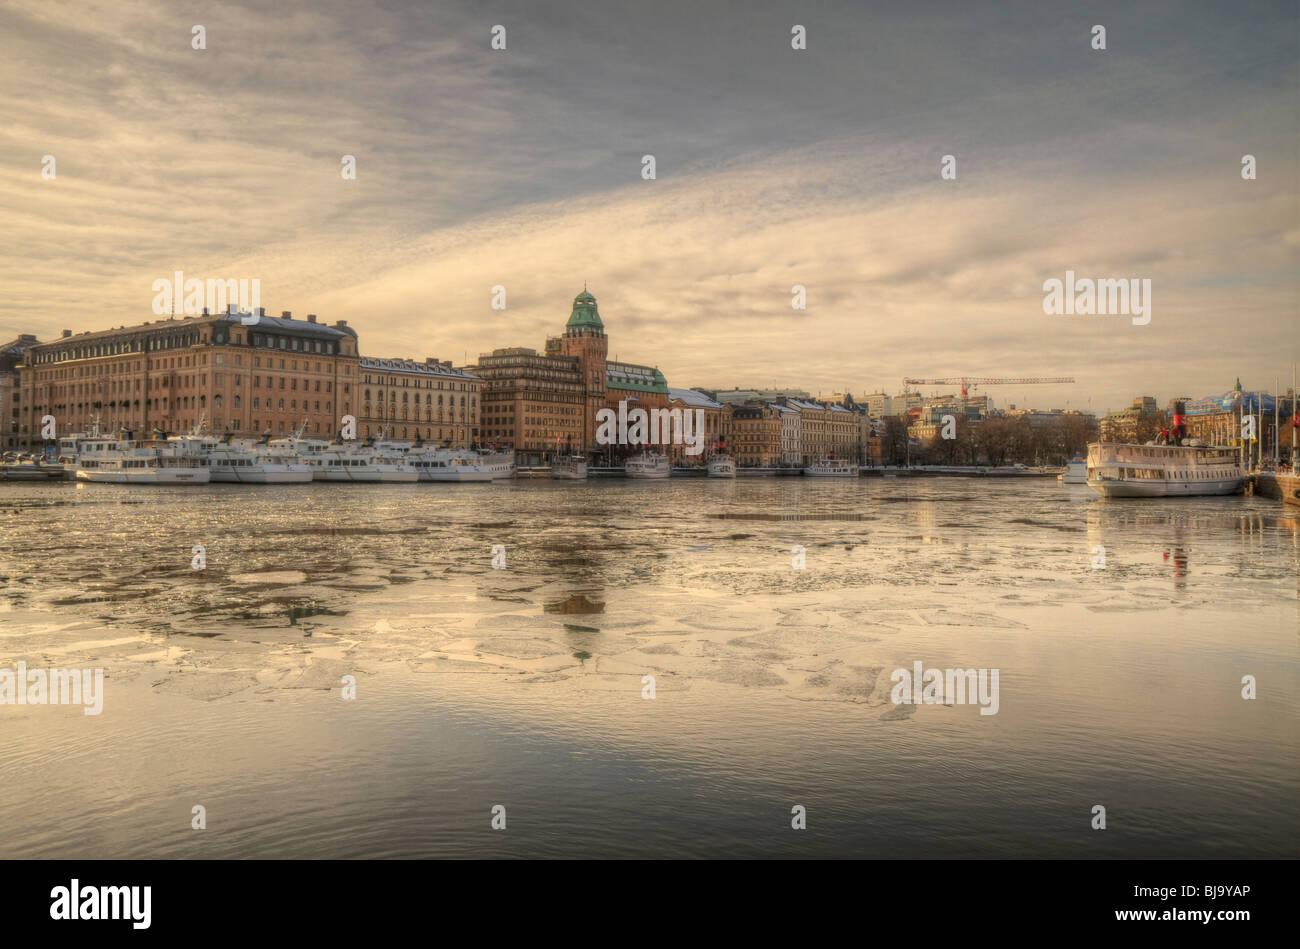 Radisson Blu Strand Hotel Building in Stockholm - Stock Image